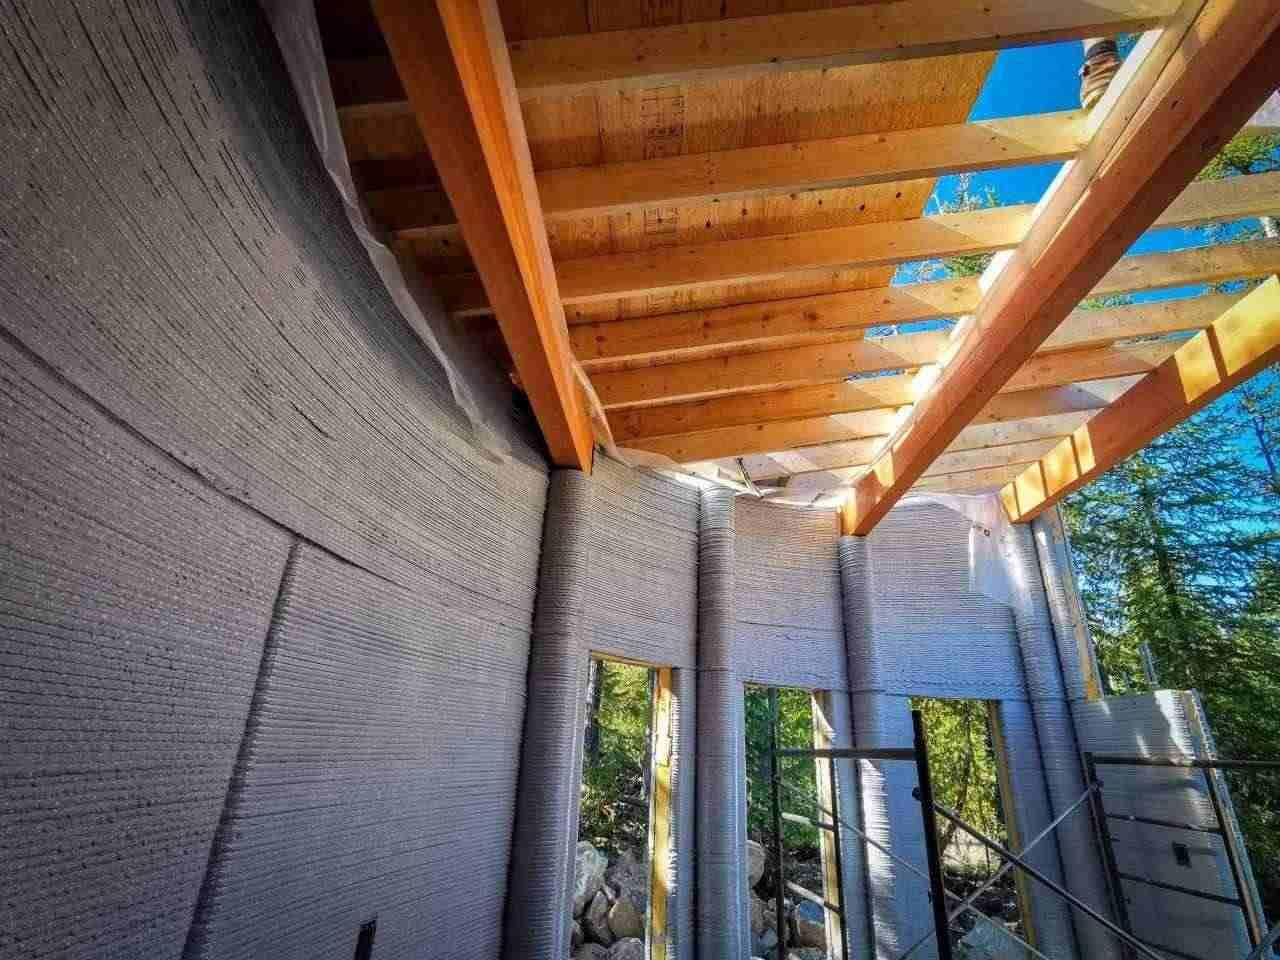 Въпреки че 3D принтерът е създал стените си, покривът на къщата на Фибоначи е инсталиран от хора